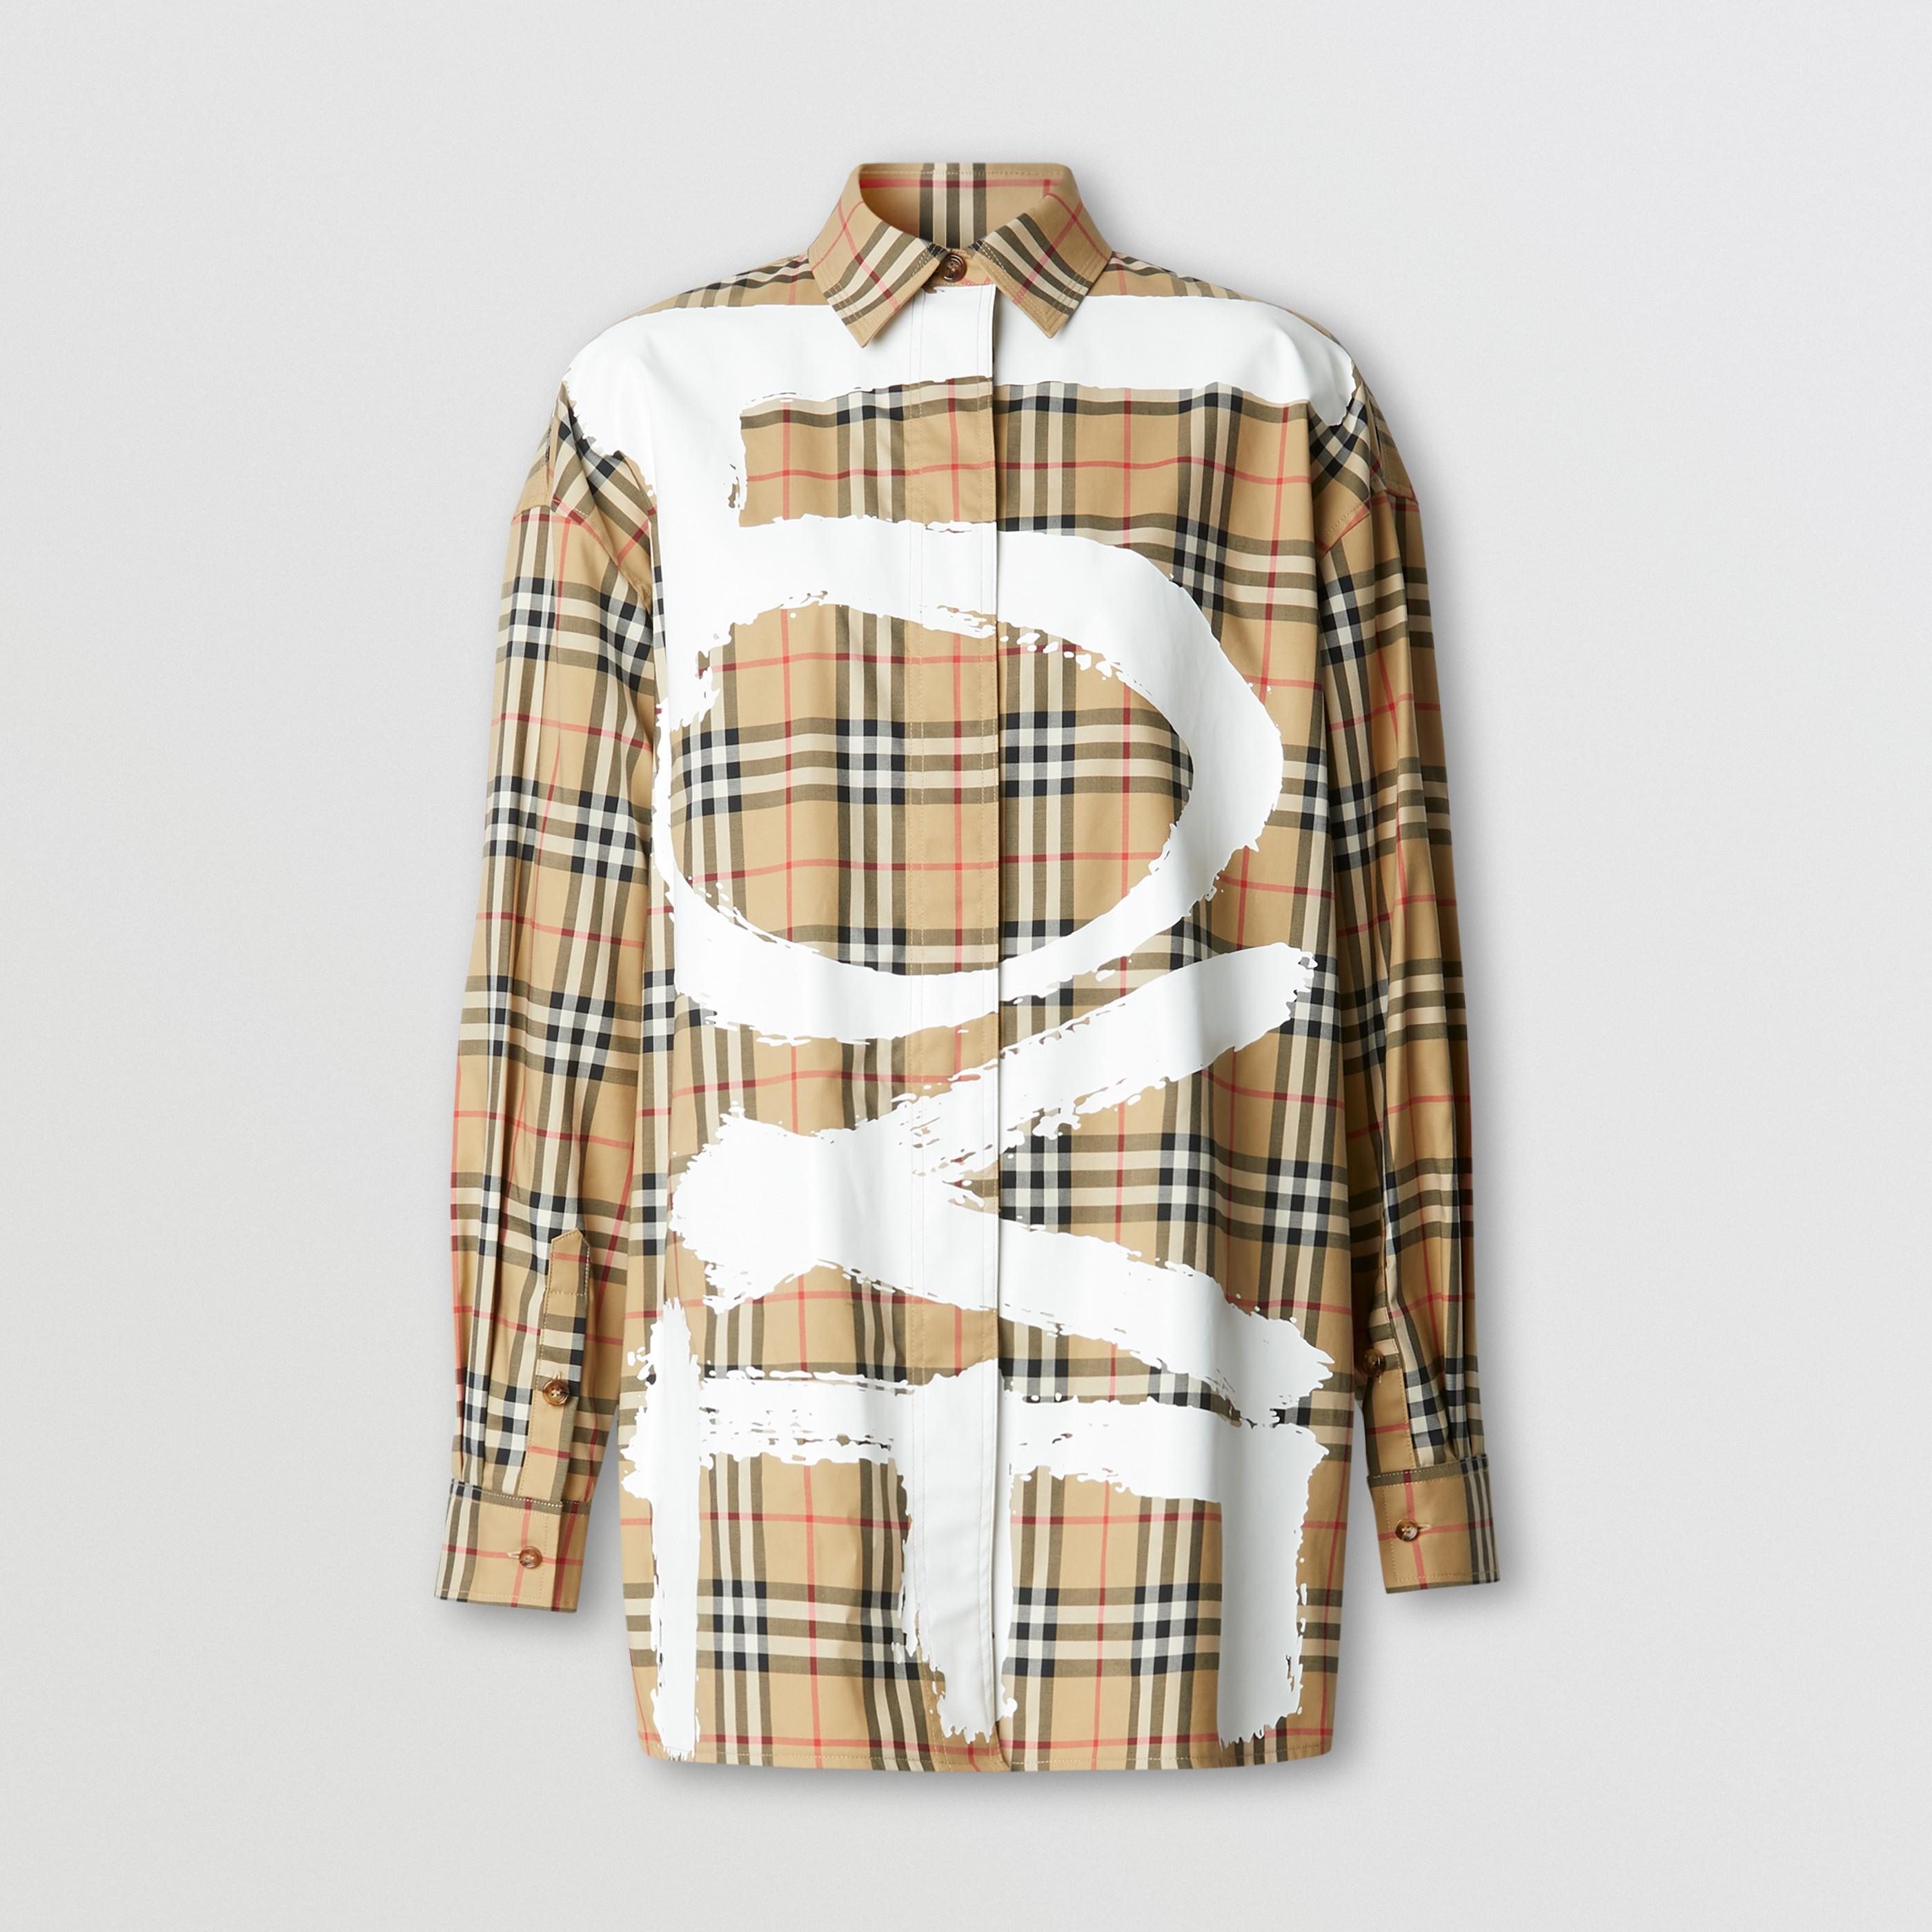 Camicia oversize in cotone con scritta Love e motivo Vintage check (Beige Archivio) - Donna   Burberry - 4